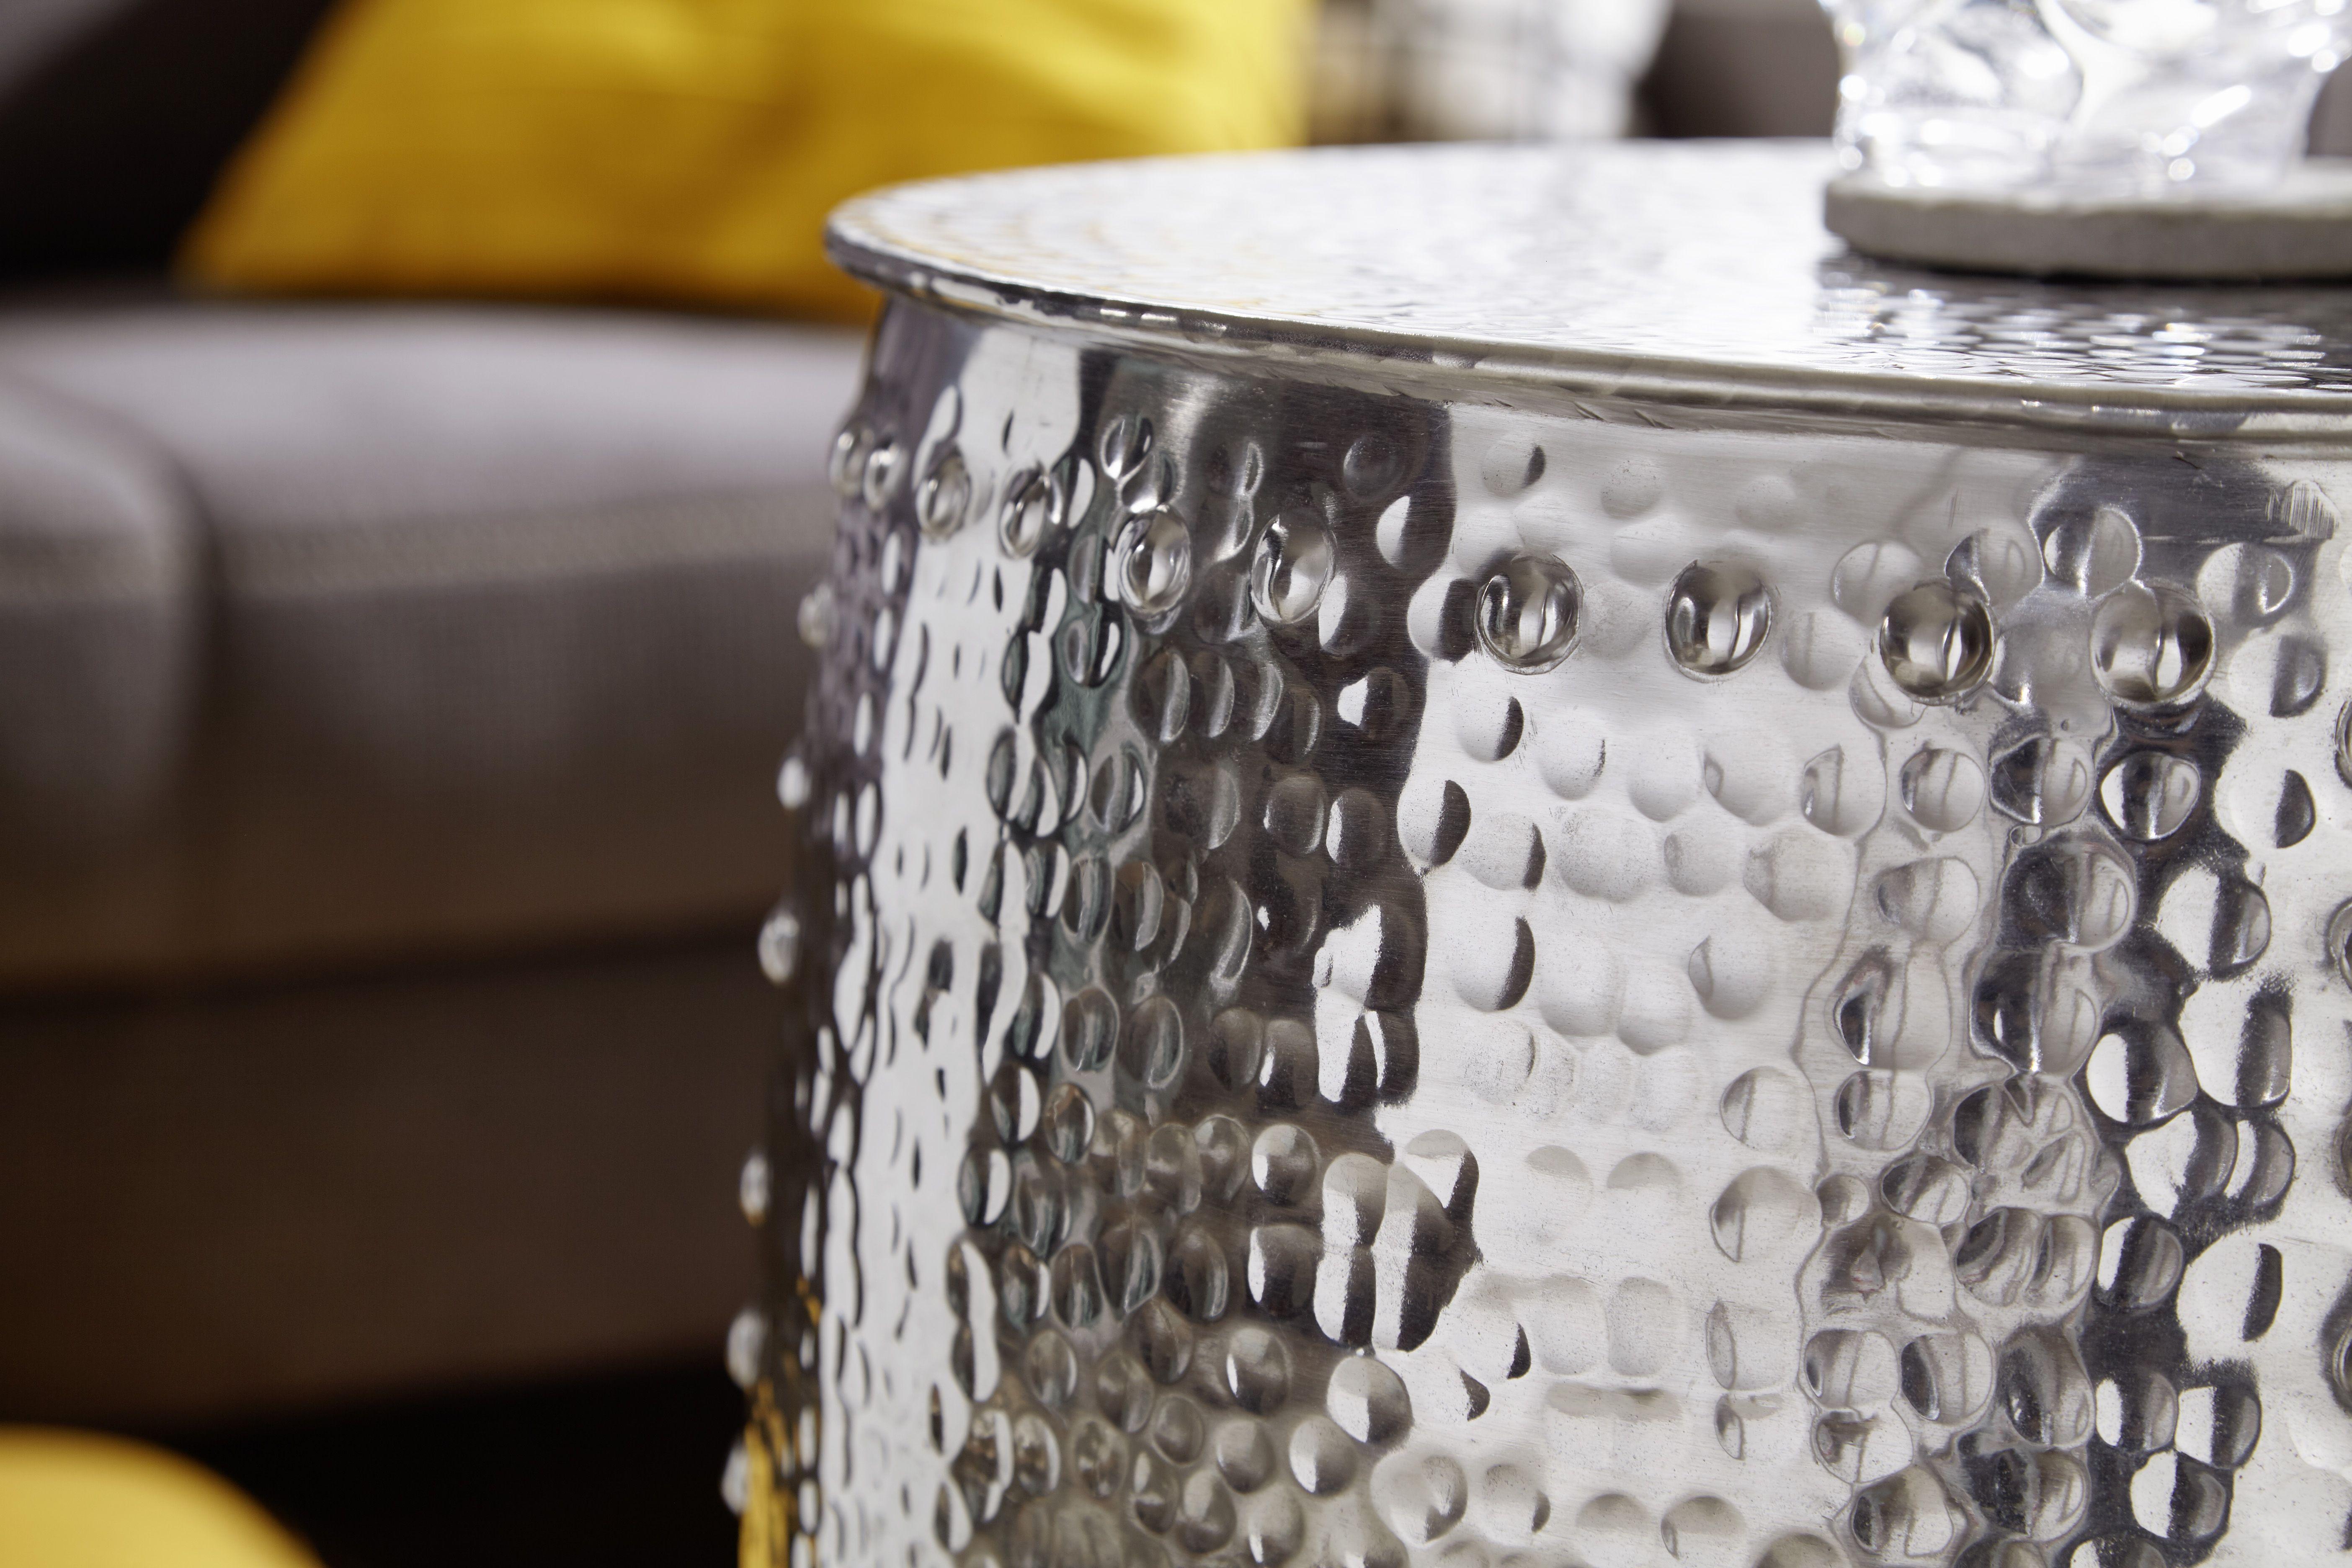 beistelltisch #wohnzimmer #dekoration #aluminium #wohnidee